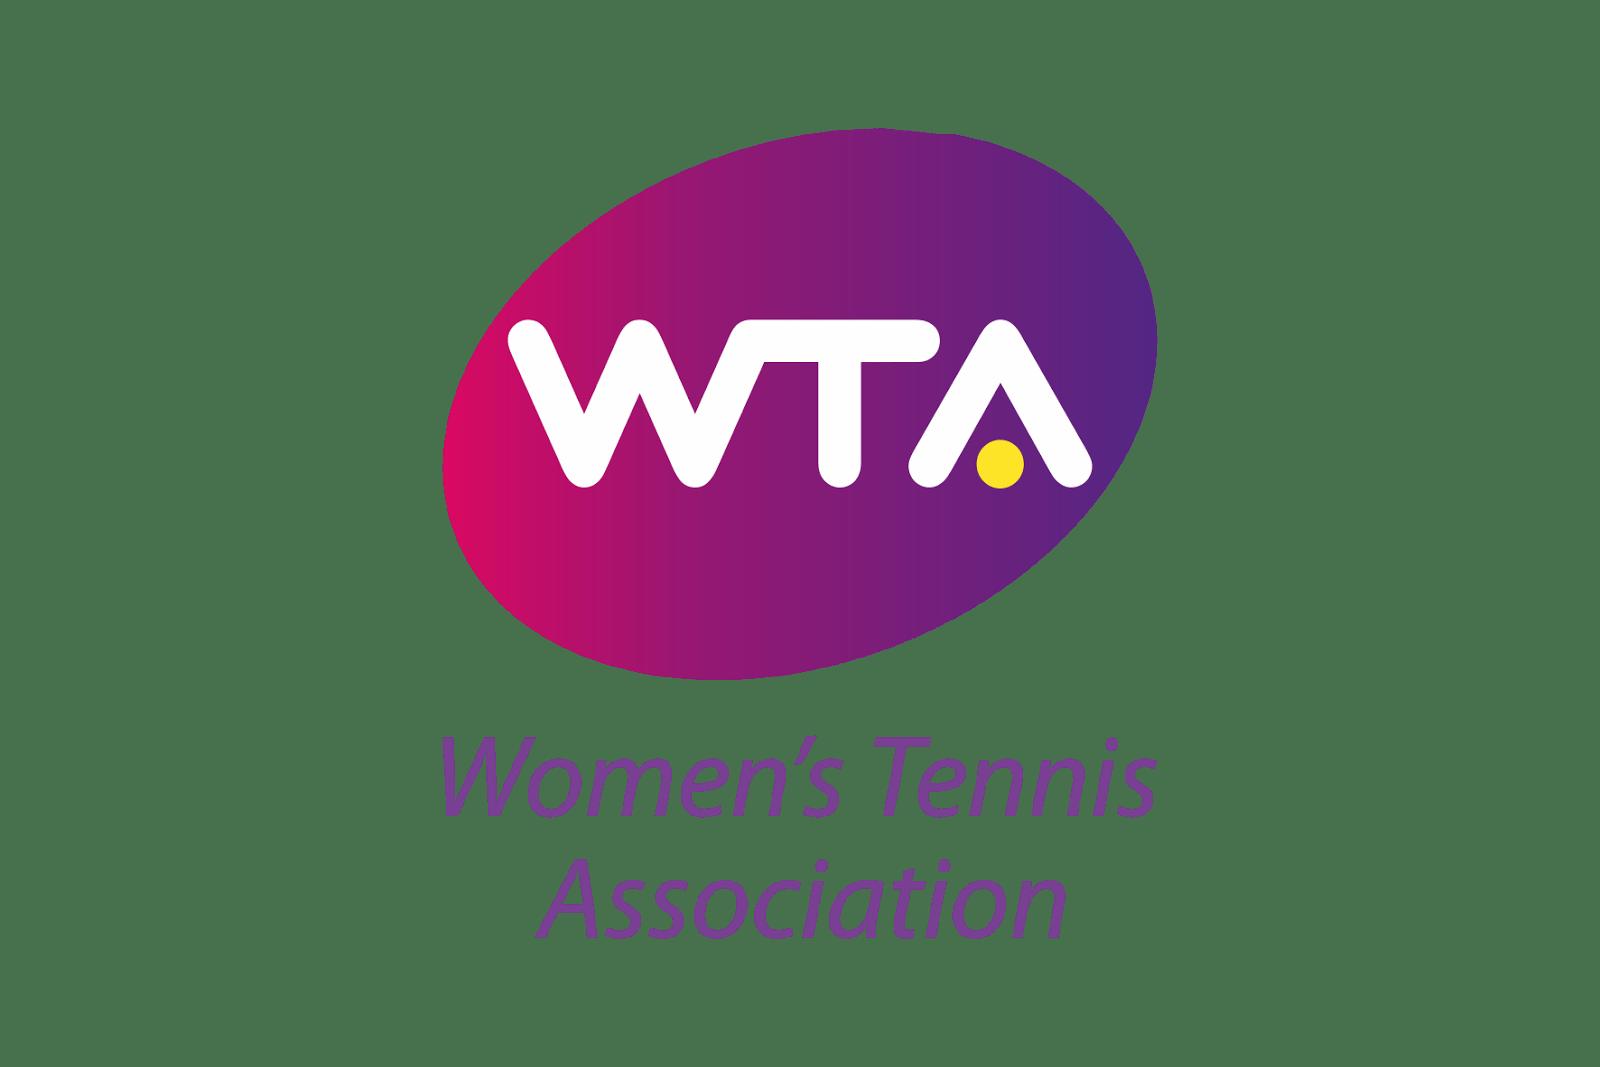 Womans Tennis Association